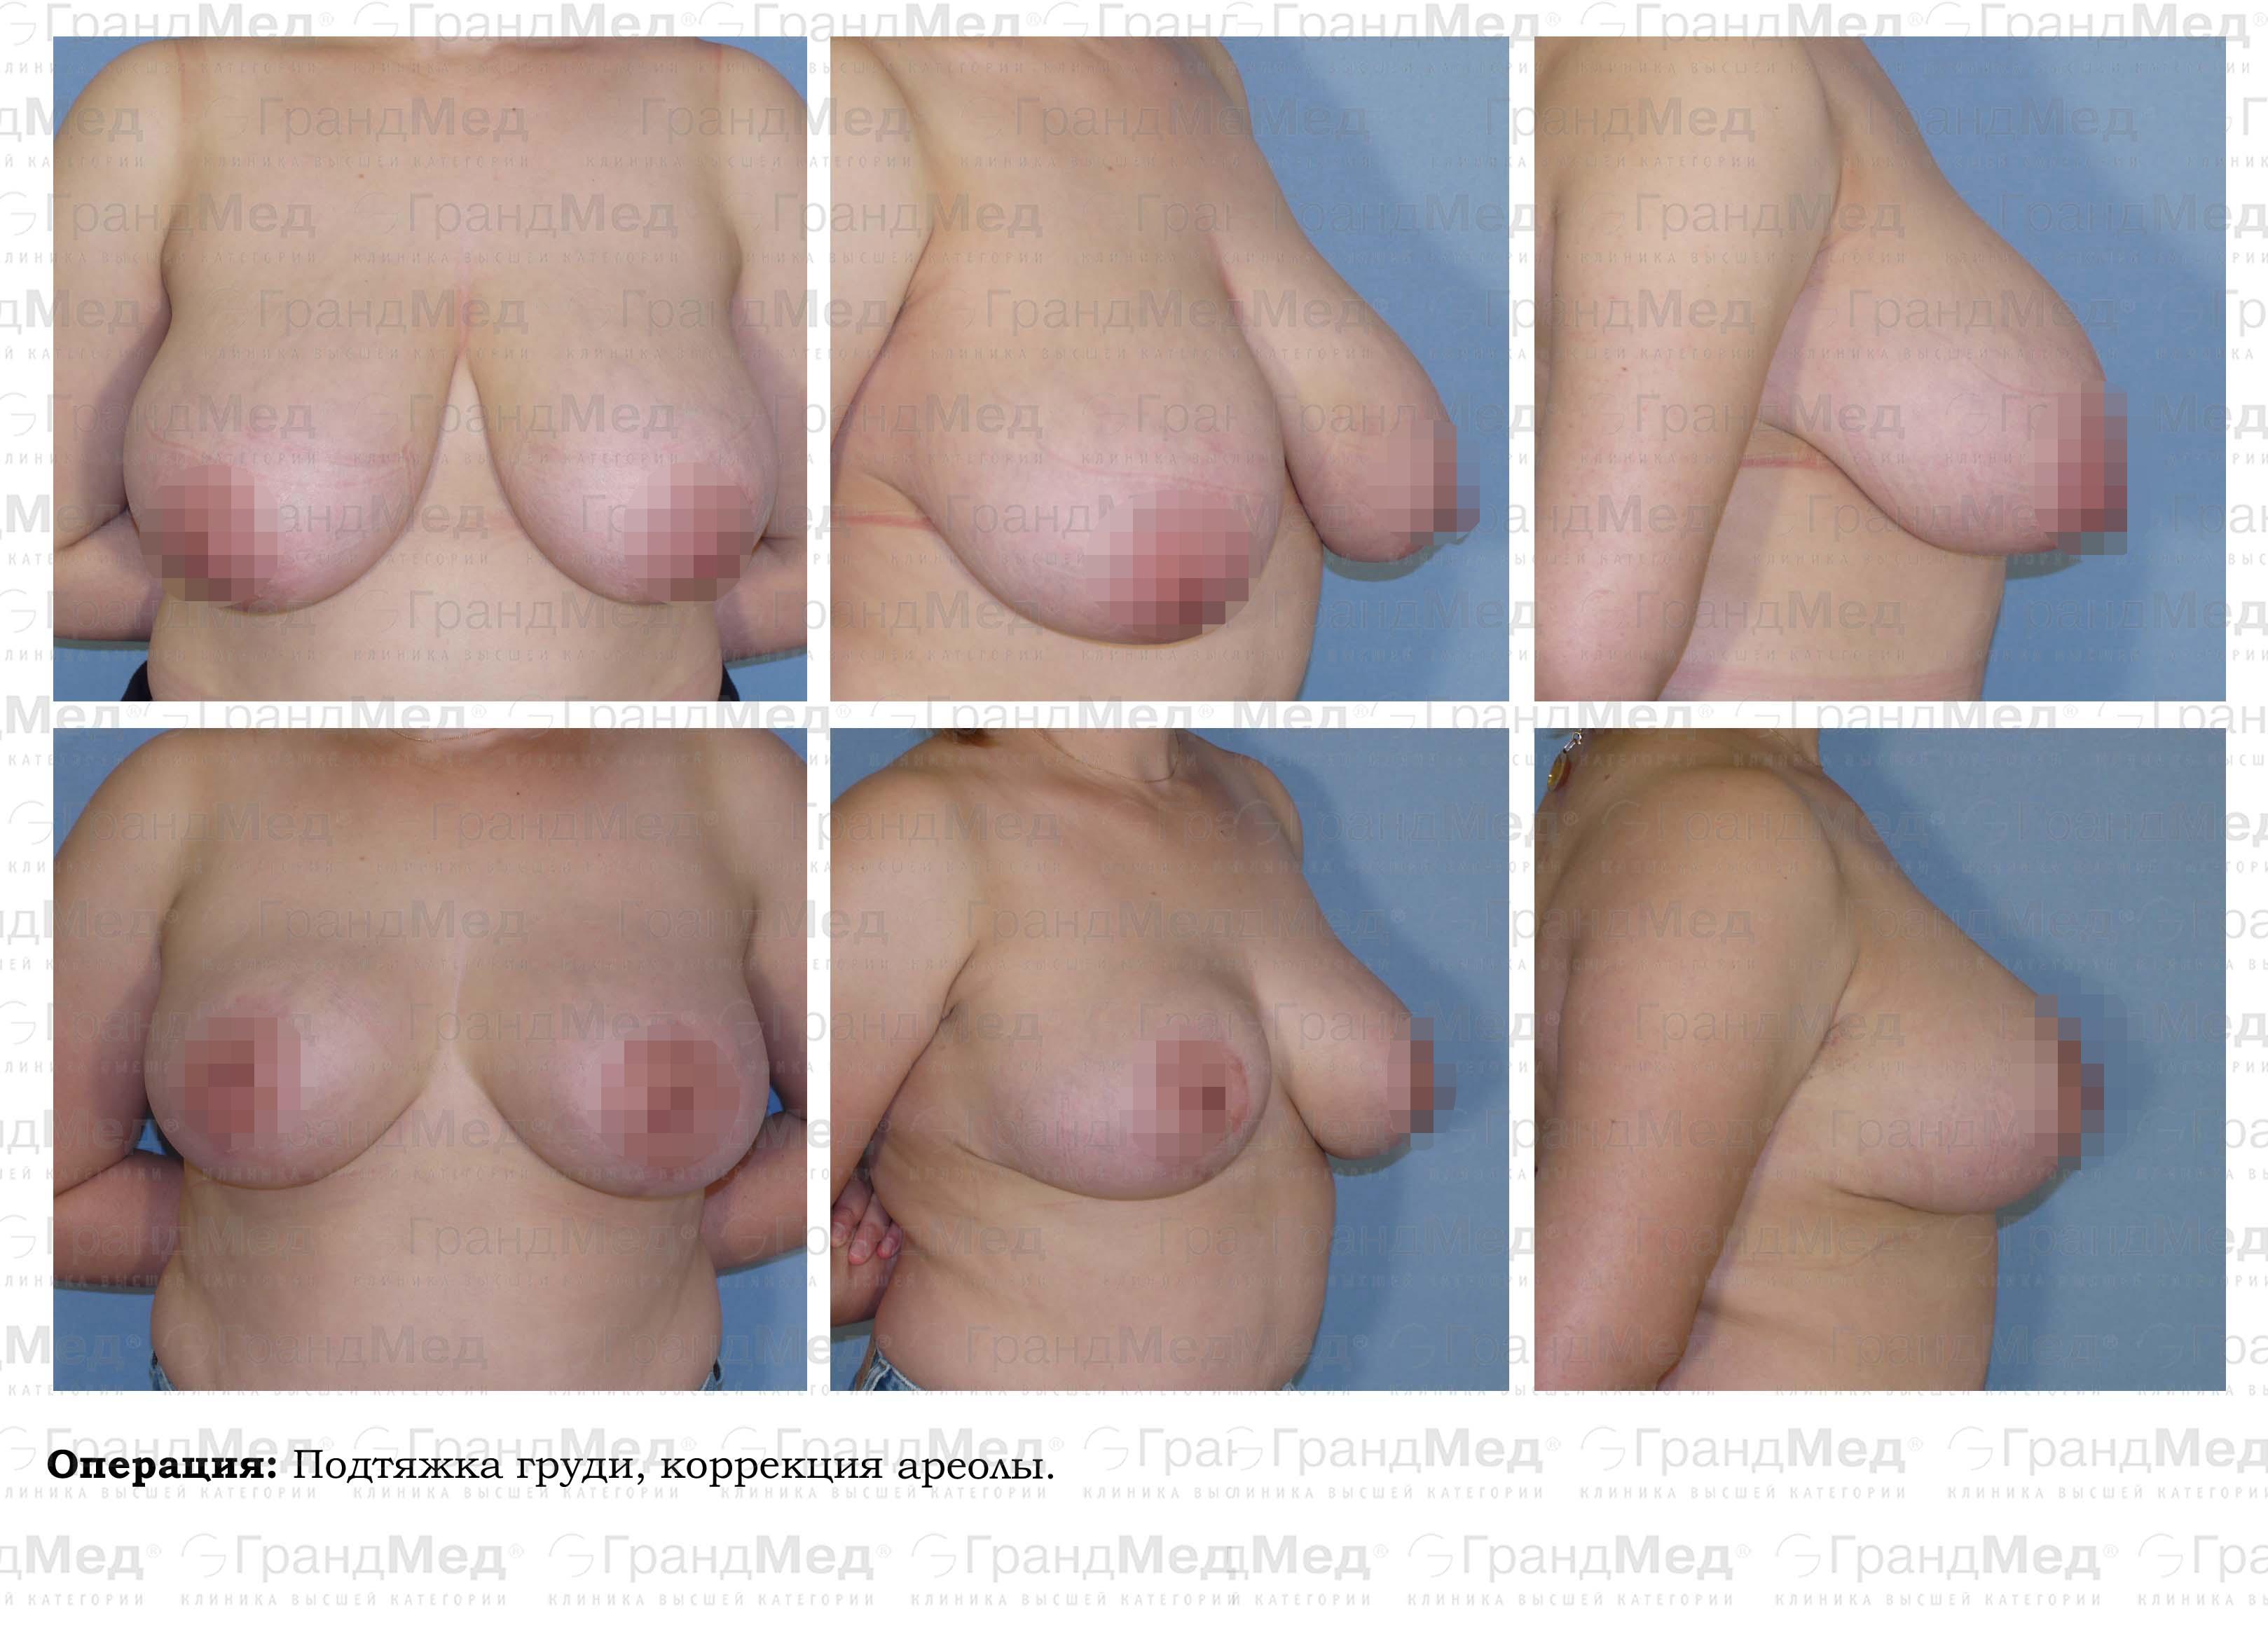 Увеличение груди крем bust cream spa отзывы